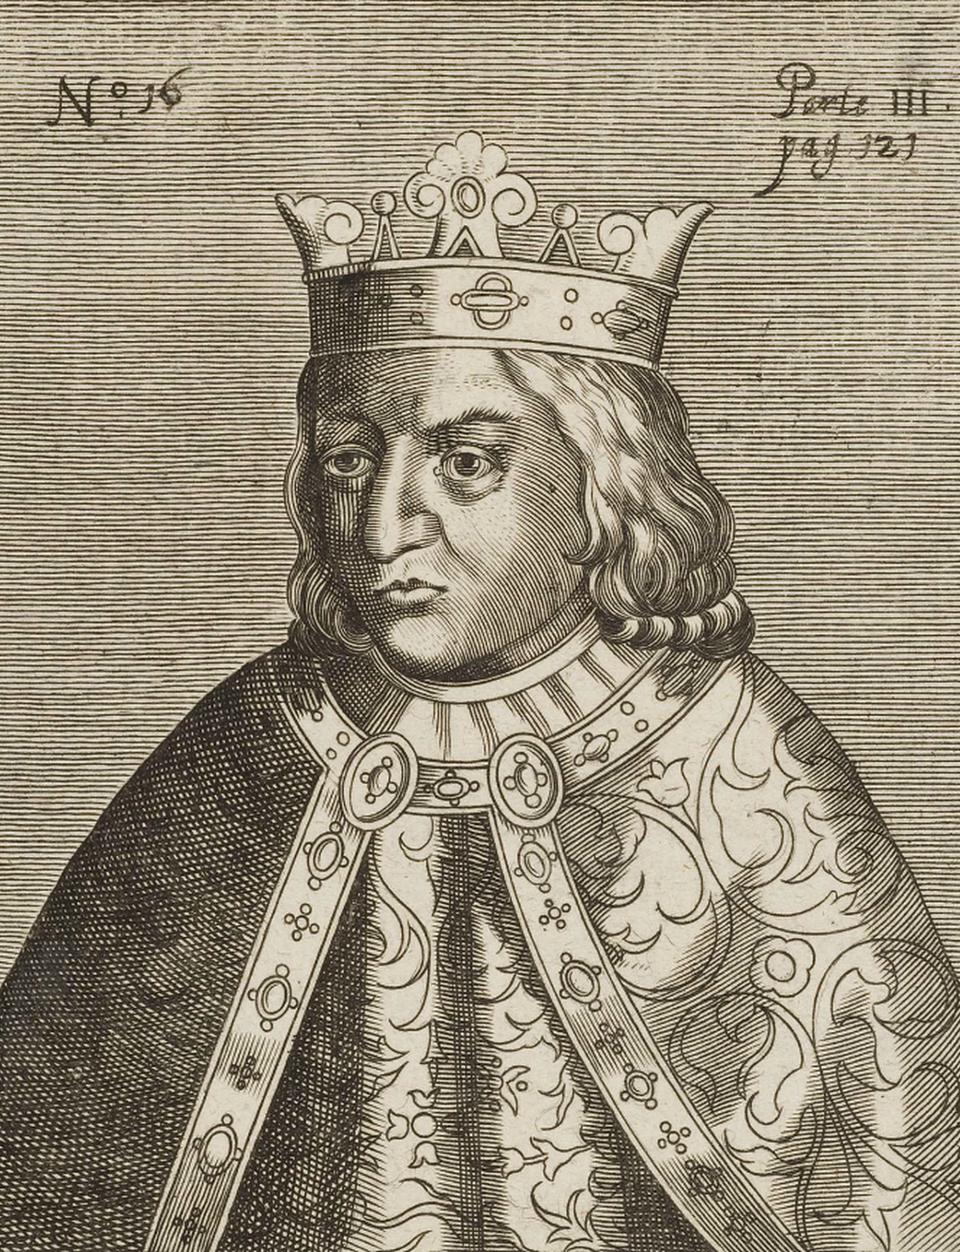 """Władysław II, król Czech iWęgier Władysław II Jagiellończyk,król czeski od 1471 roku, węgierski ichorwacki od 1490 roku, syn króla polskiego Kazimierza IV Jagiellończyka iElżbiety Rakuszanki. Na Węgrzech zyskałprzydomek Dobzse(czyli """"król Dobrze""""), bonadużywał tego słowa. Źródło: Johann Conrad Klüpfel, Władysław II, król Czech iWęgier, 1600-1620, miedzioryt, domena publiczna."""